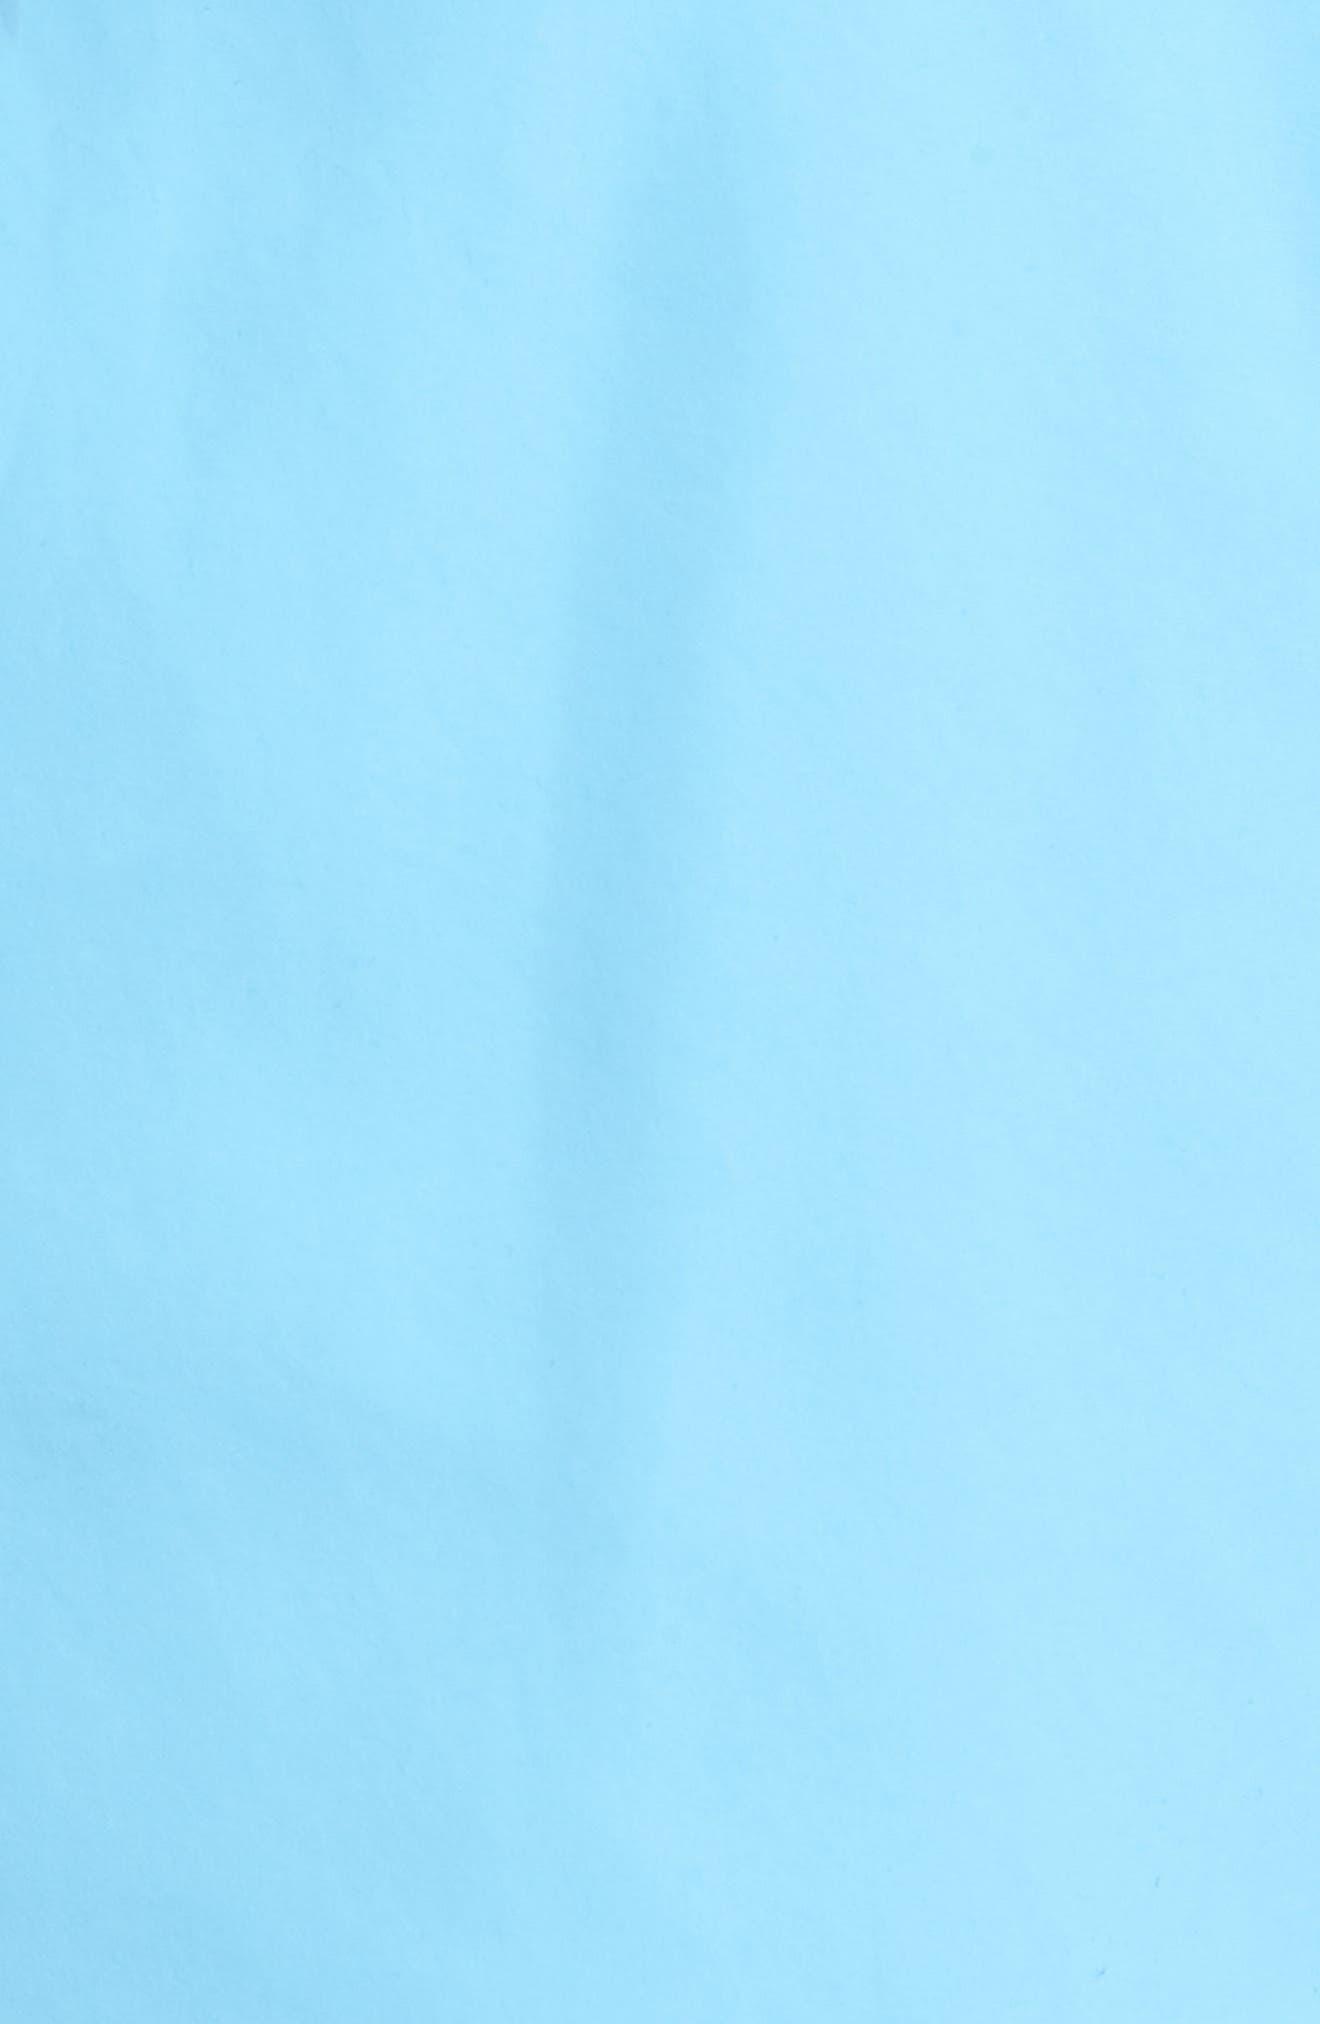 Seabream Stripe Swim Trunks,                             Alternate thumbnail 6, color,                             Blue